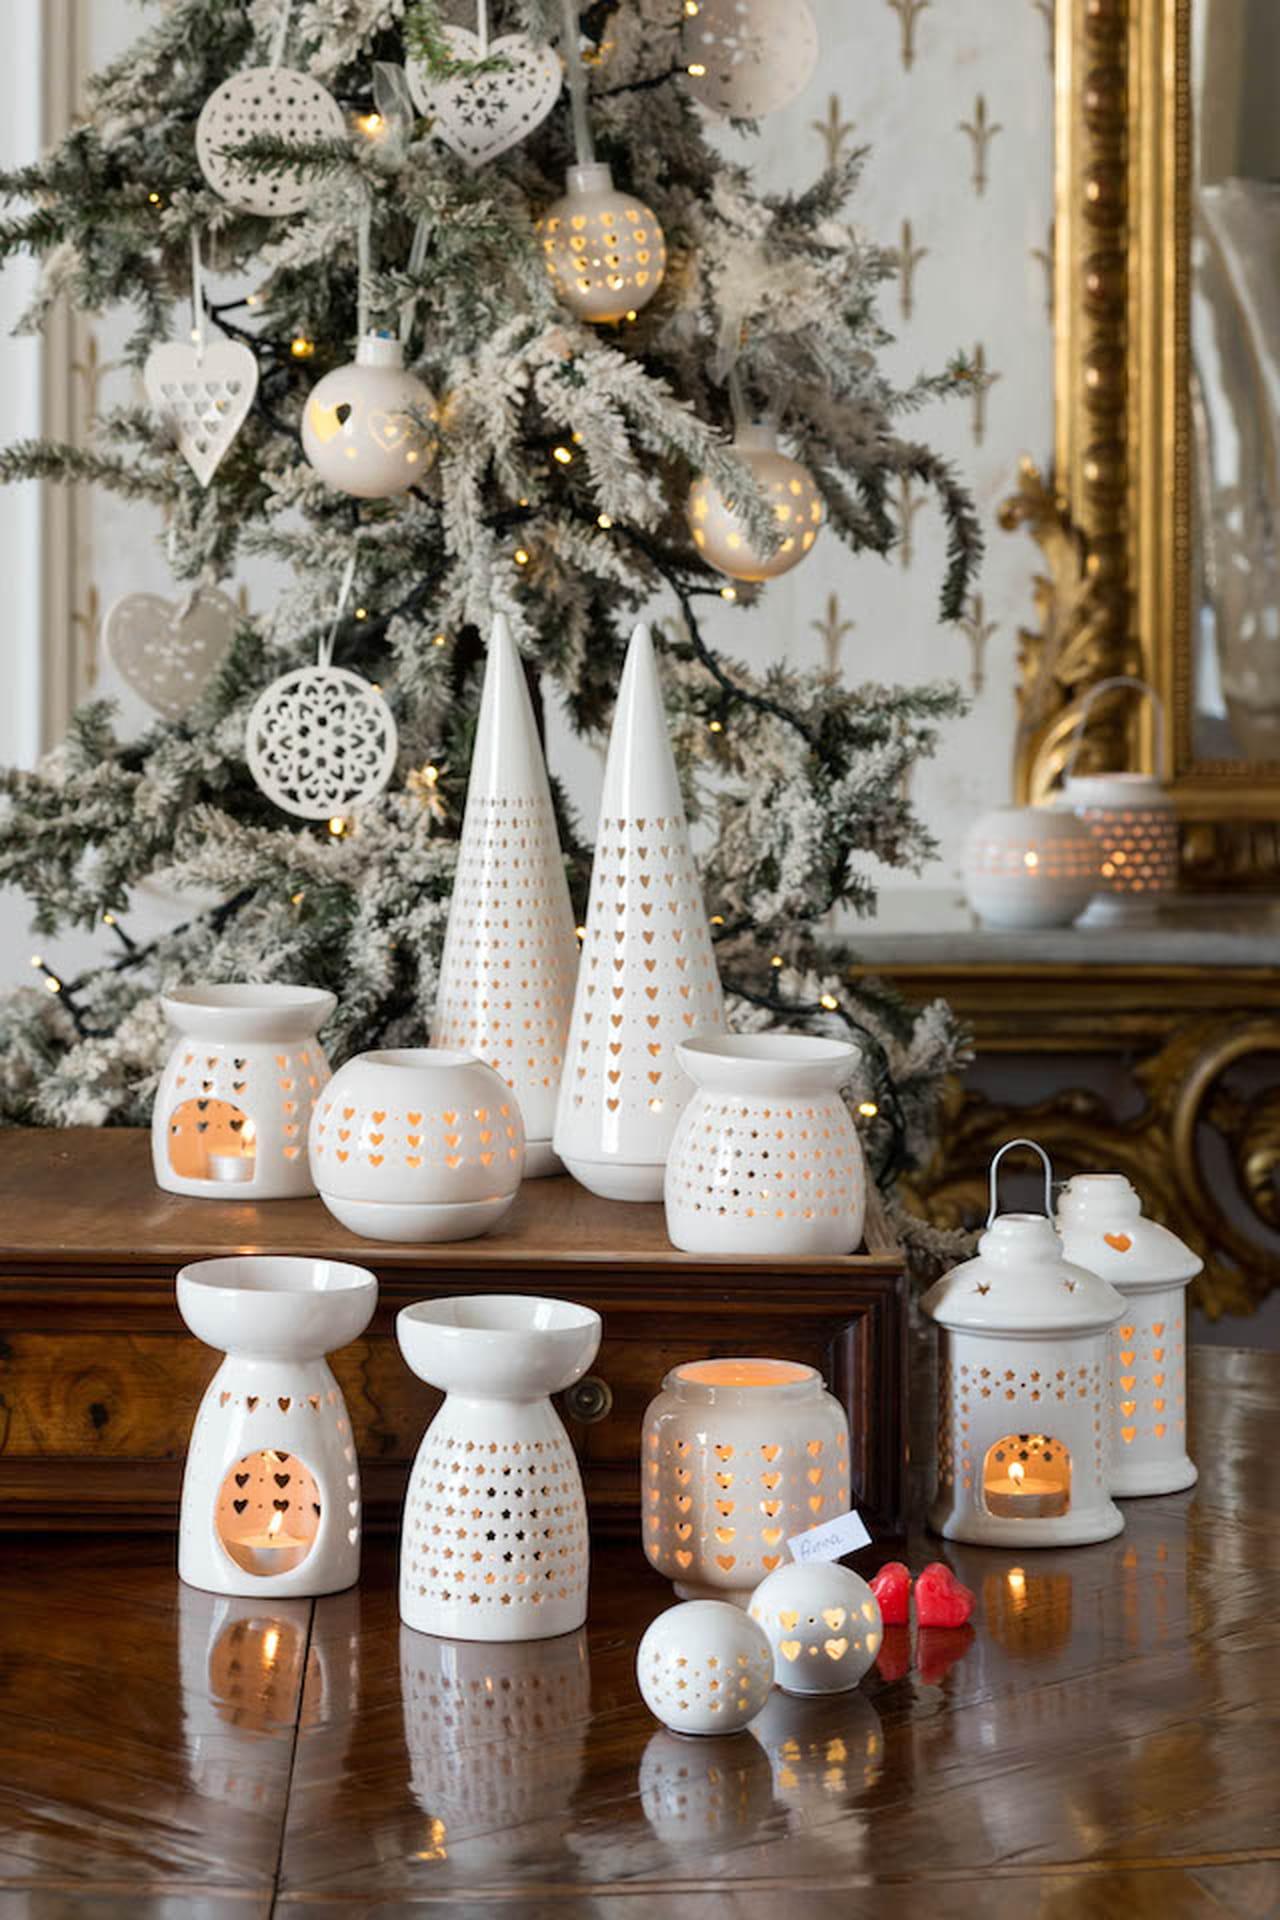 Decorazioni natalizie addobbi per la casa e la tavola delle feste - Addobbi di natale in casa ...